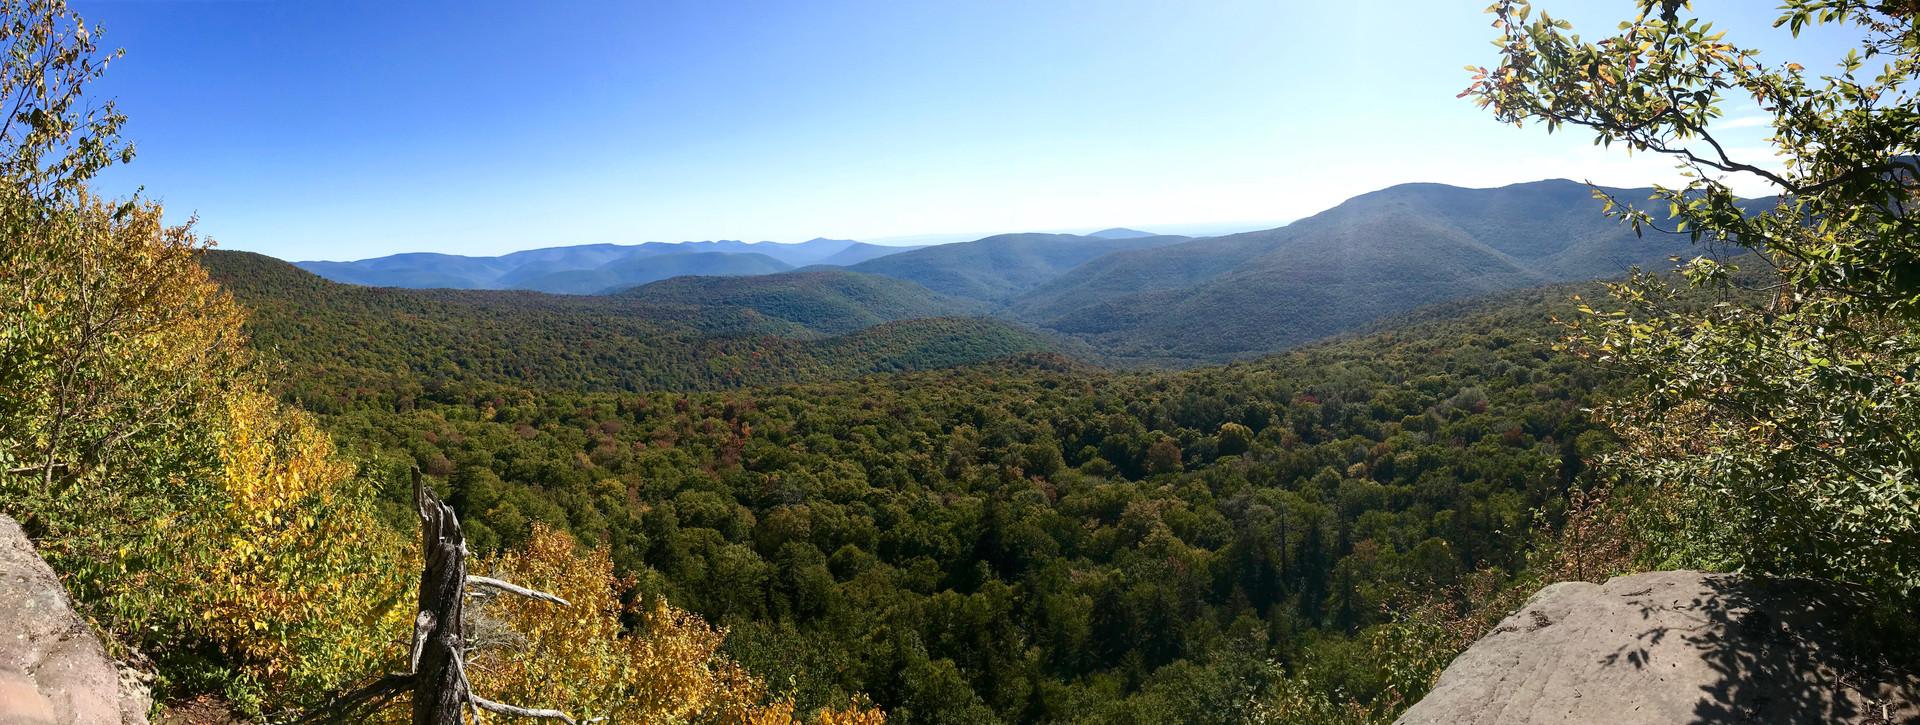 Giant Ledge, Catskill Mountains, NY